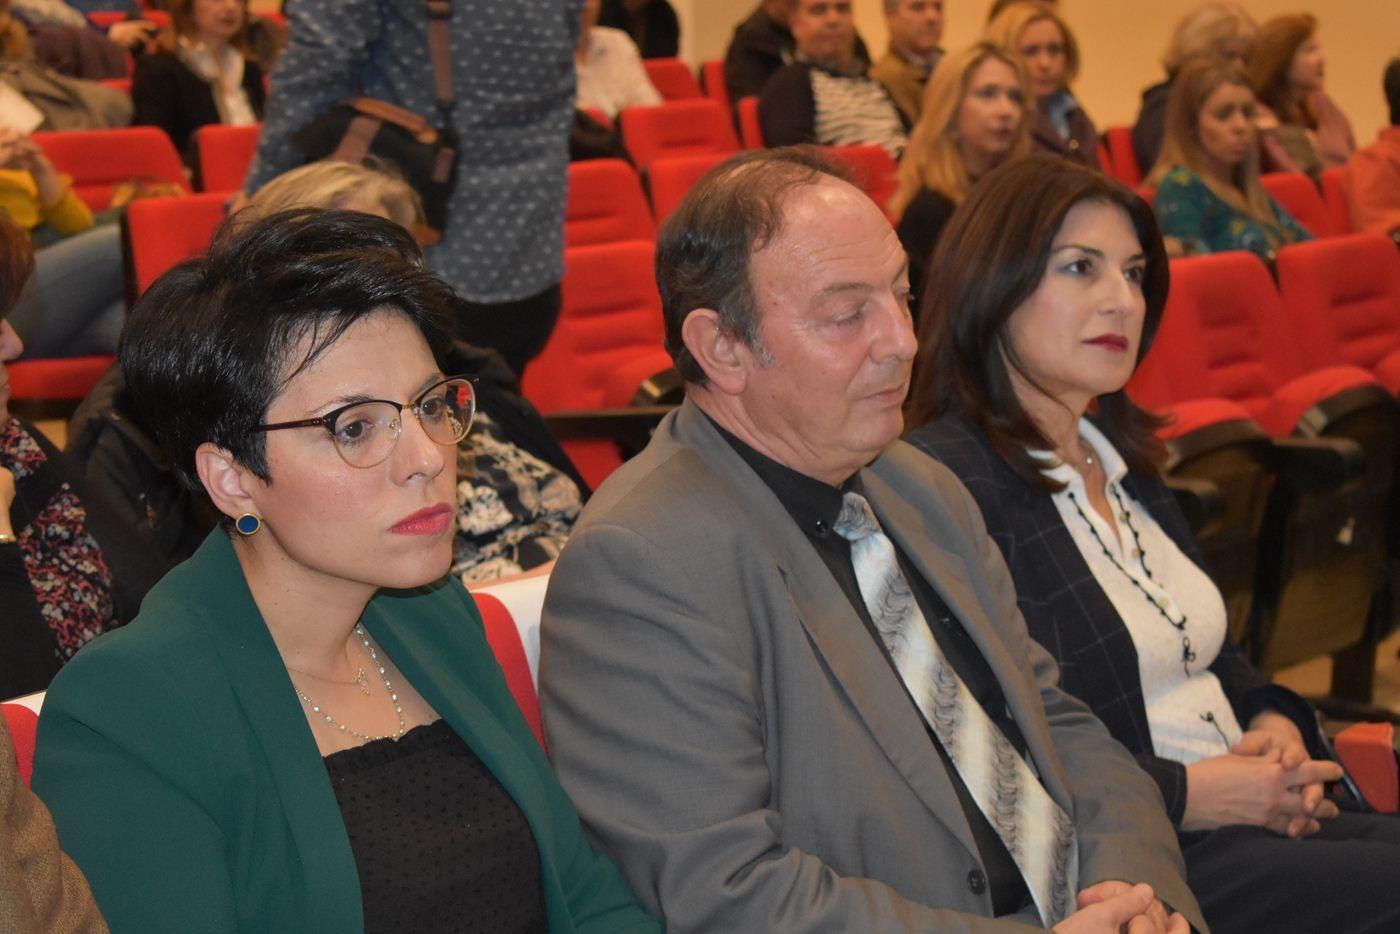 Γ. Πανούσης από Λάρισα: «Το Ελληνικό Σχολείο πάσχει από οτιδήποτε άλλο εκτός από bullying»